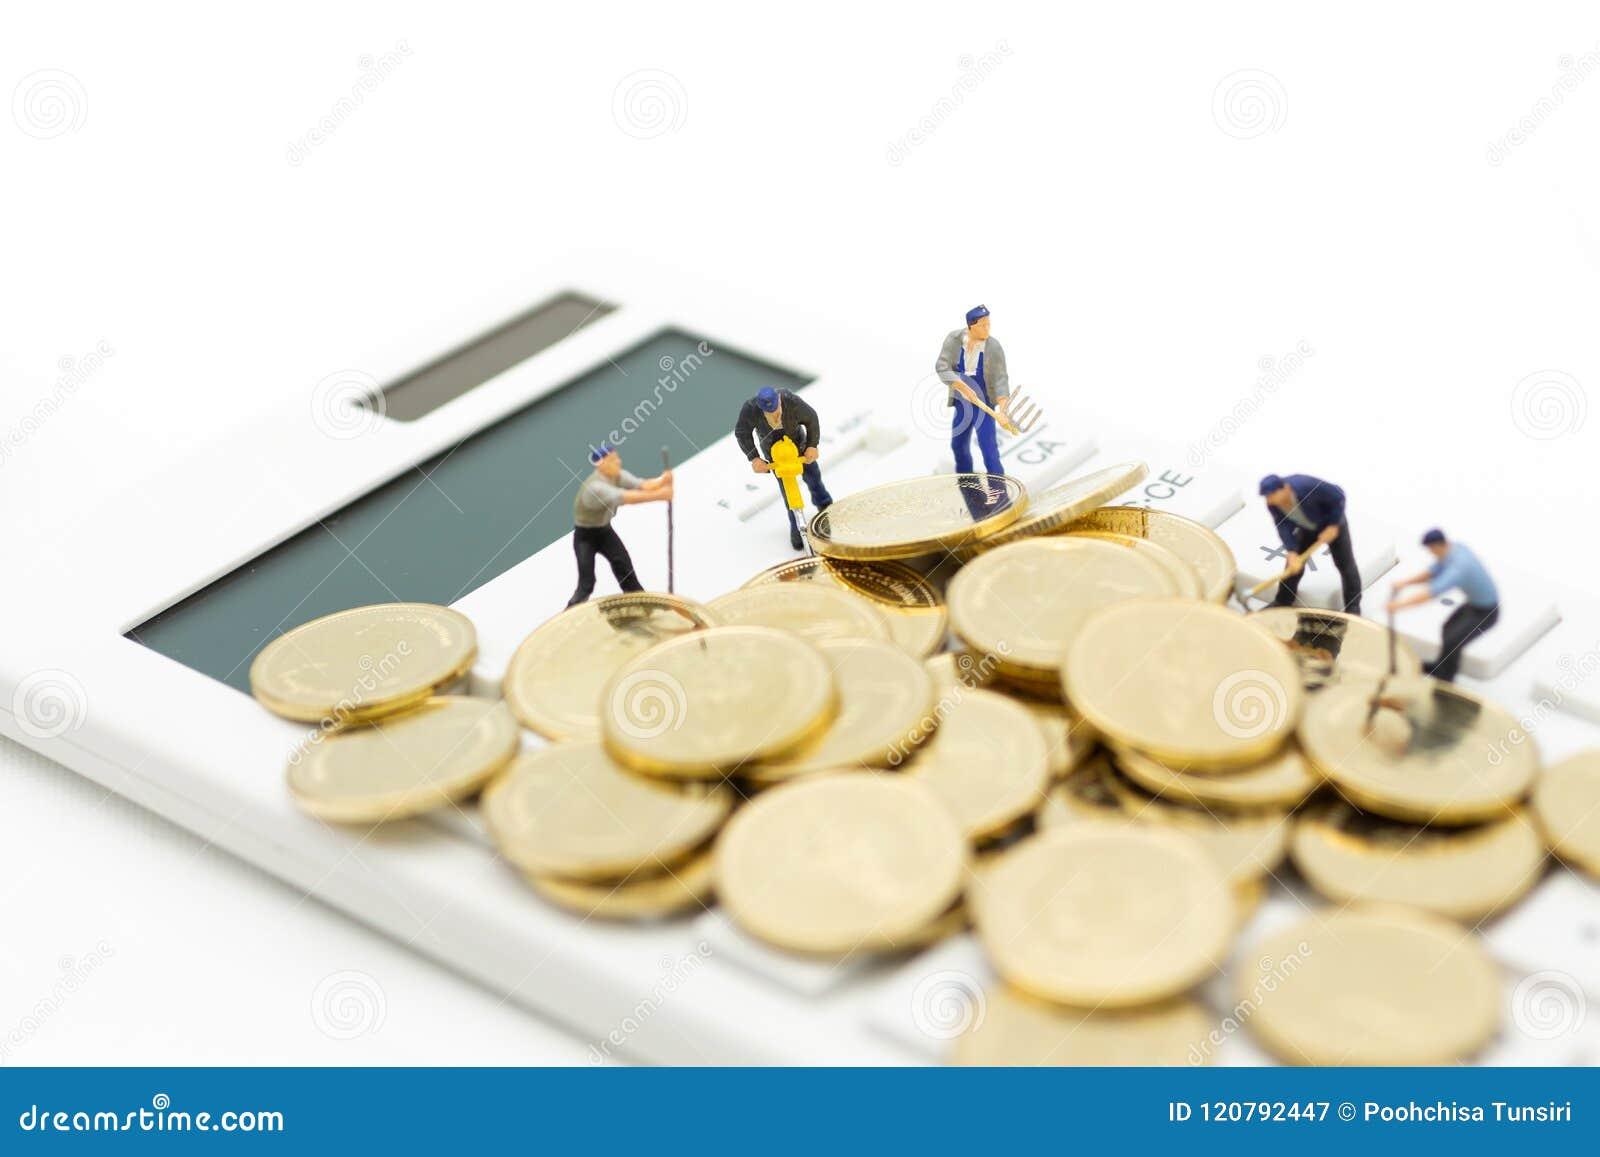 Miniaturowa postać: Kalkulator dla kalkulatorskiego pieniądze, podatek miesięczny, coroczny,/ Wizerunku use dla finanse, biznesow